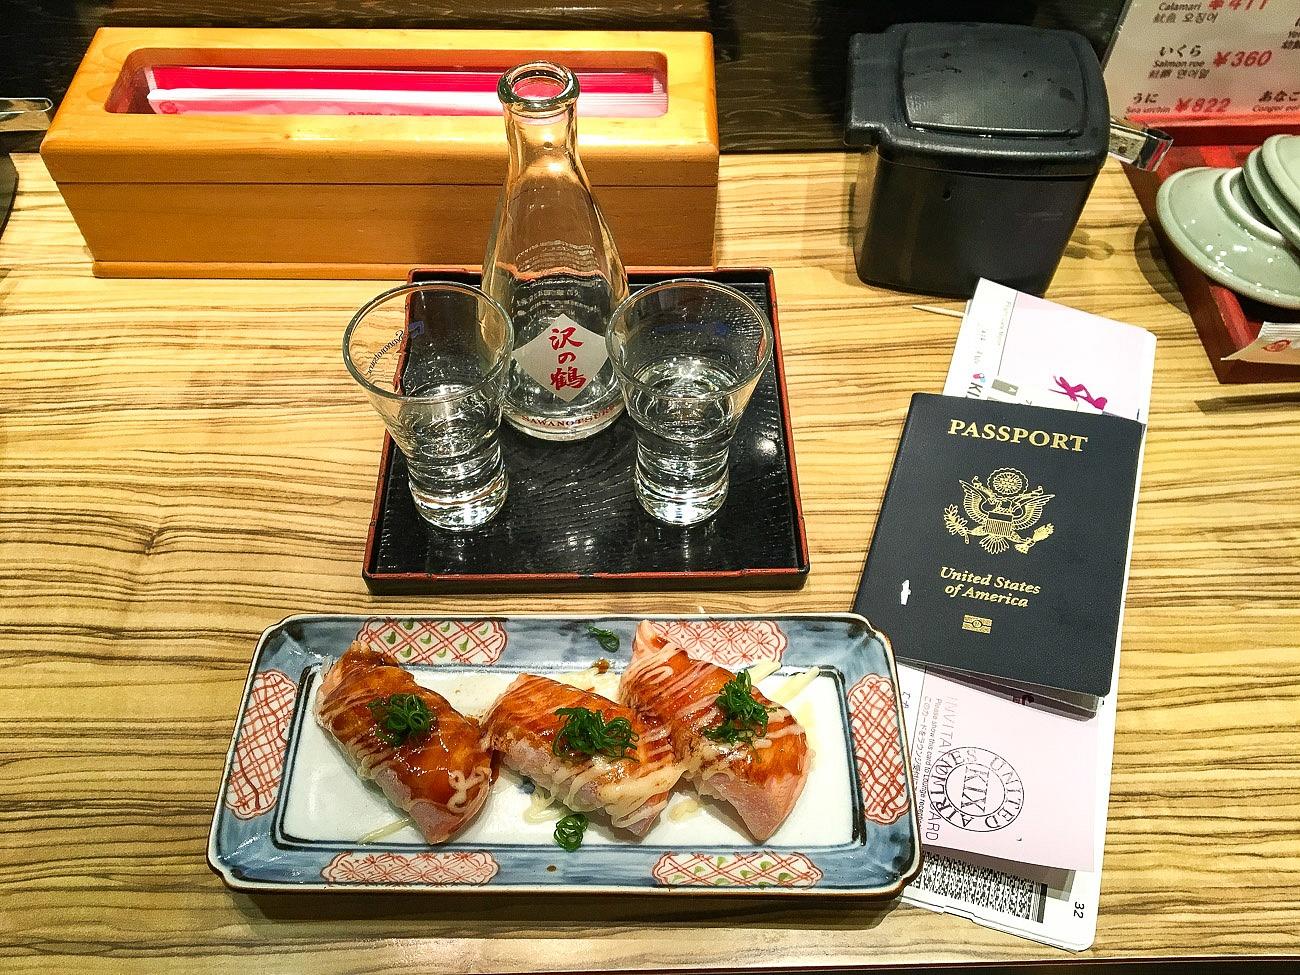 Honmamon sushi restaurant Kansei airport